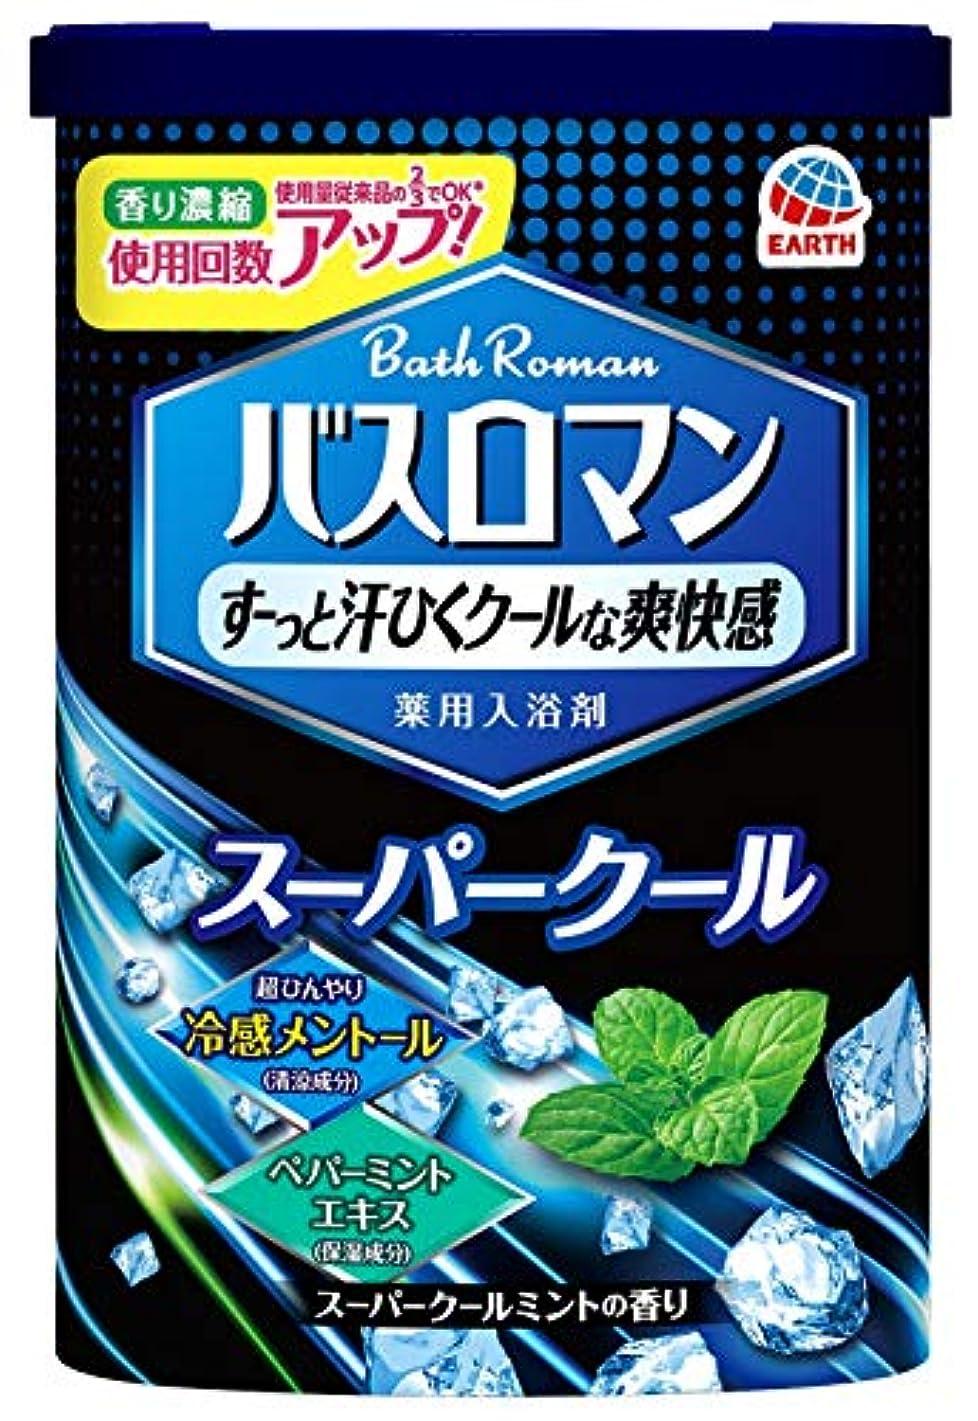 思想困った次へ【医薬部外品】バスロマン 入浴剤 スーパークールタイプ [600g]